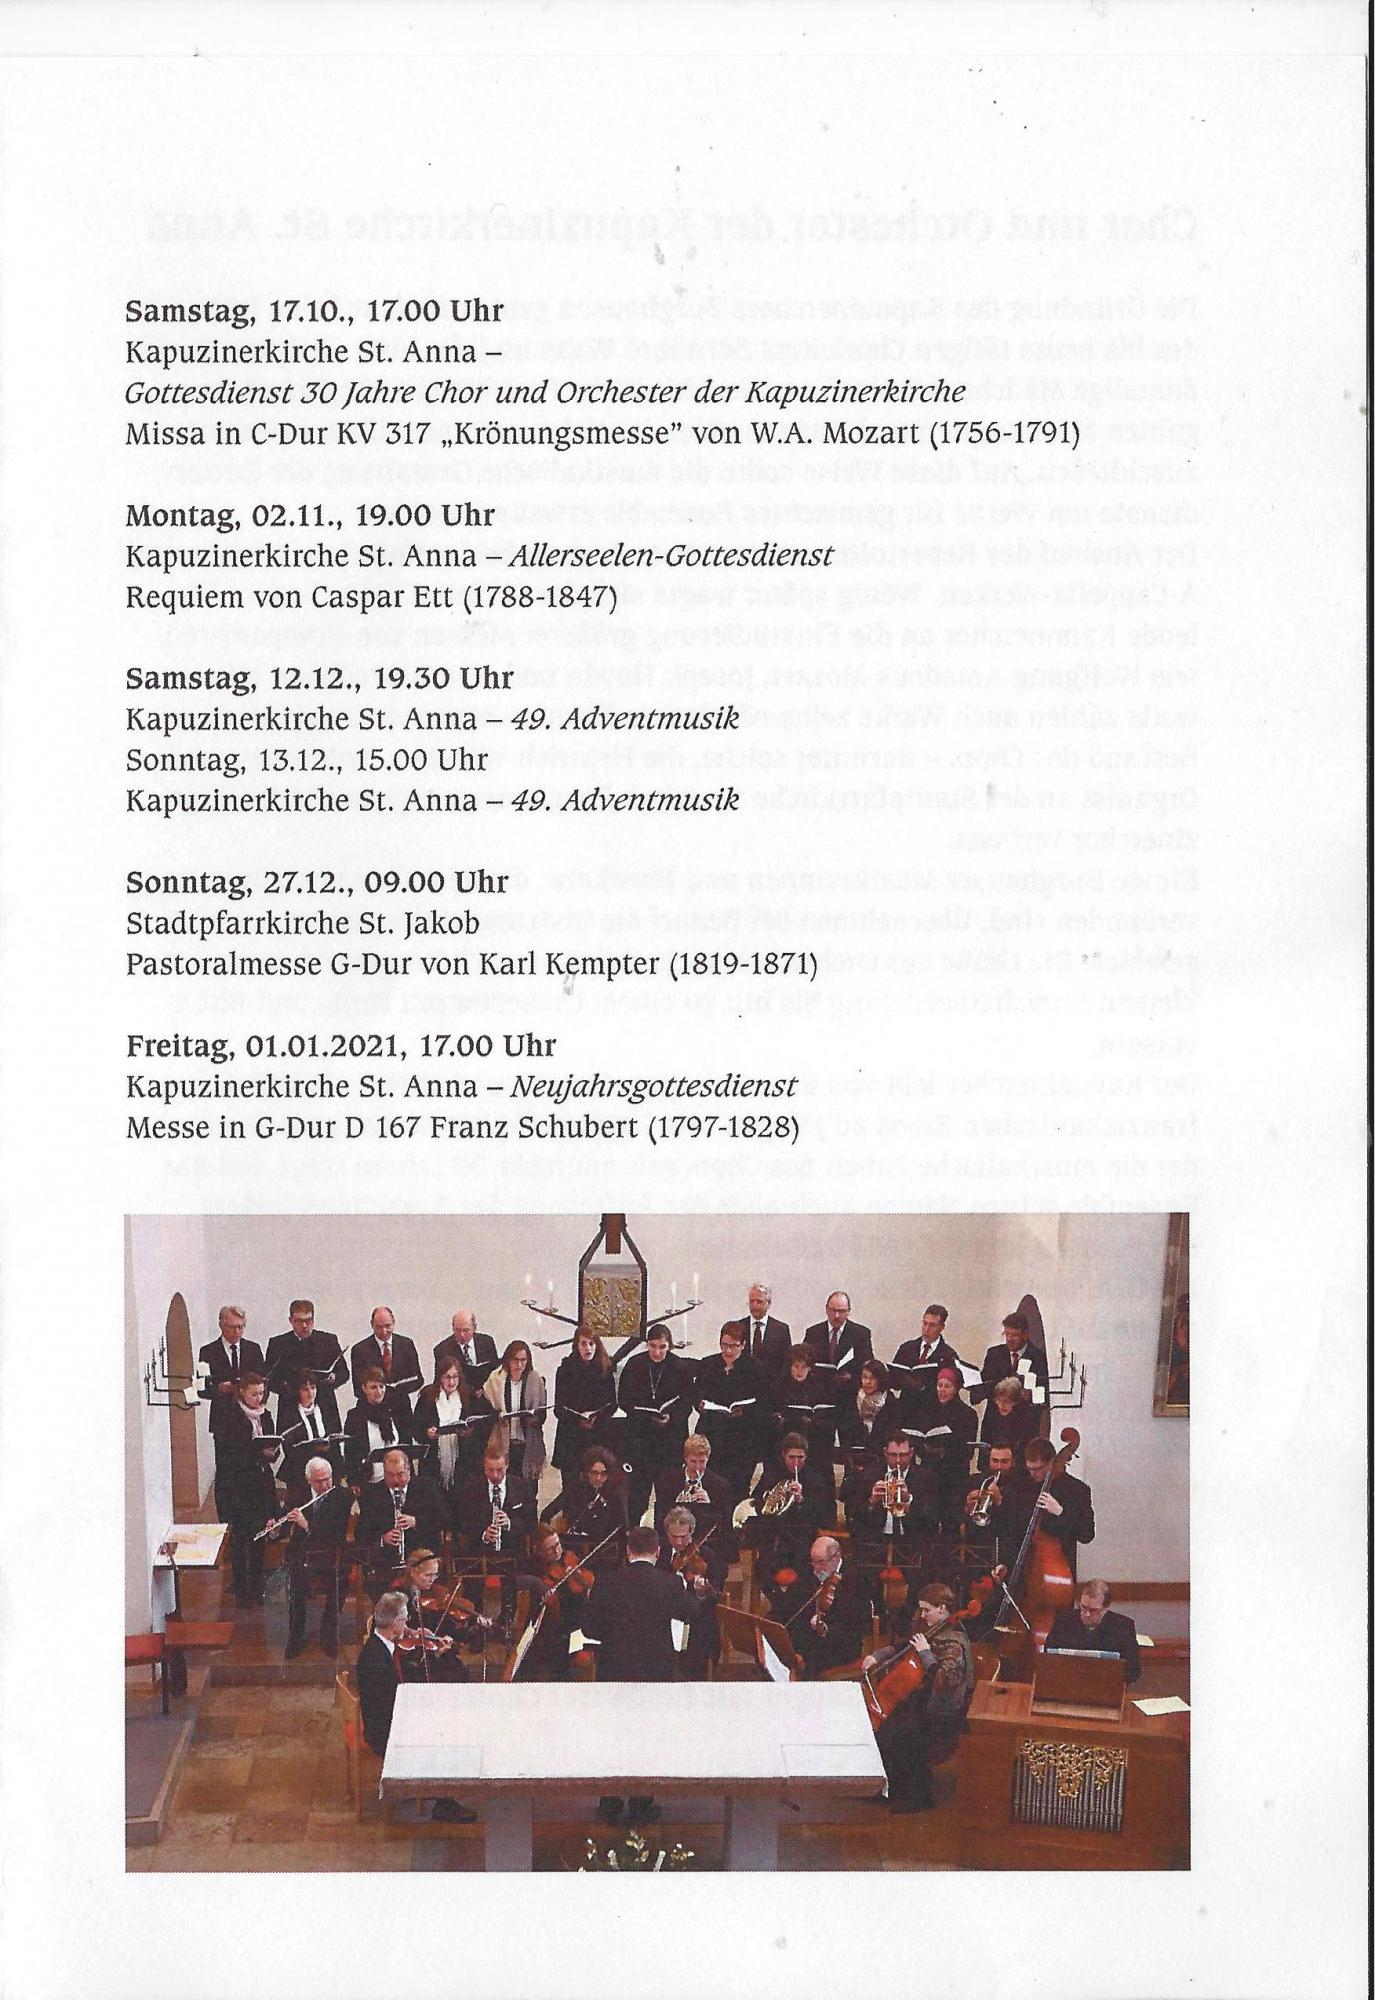 St J 20 02 23 Kapuzinerchor 10004